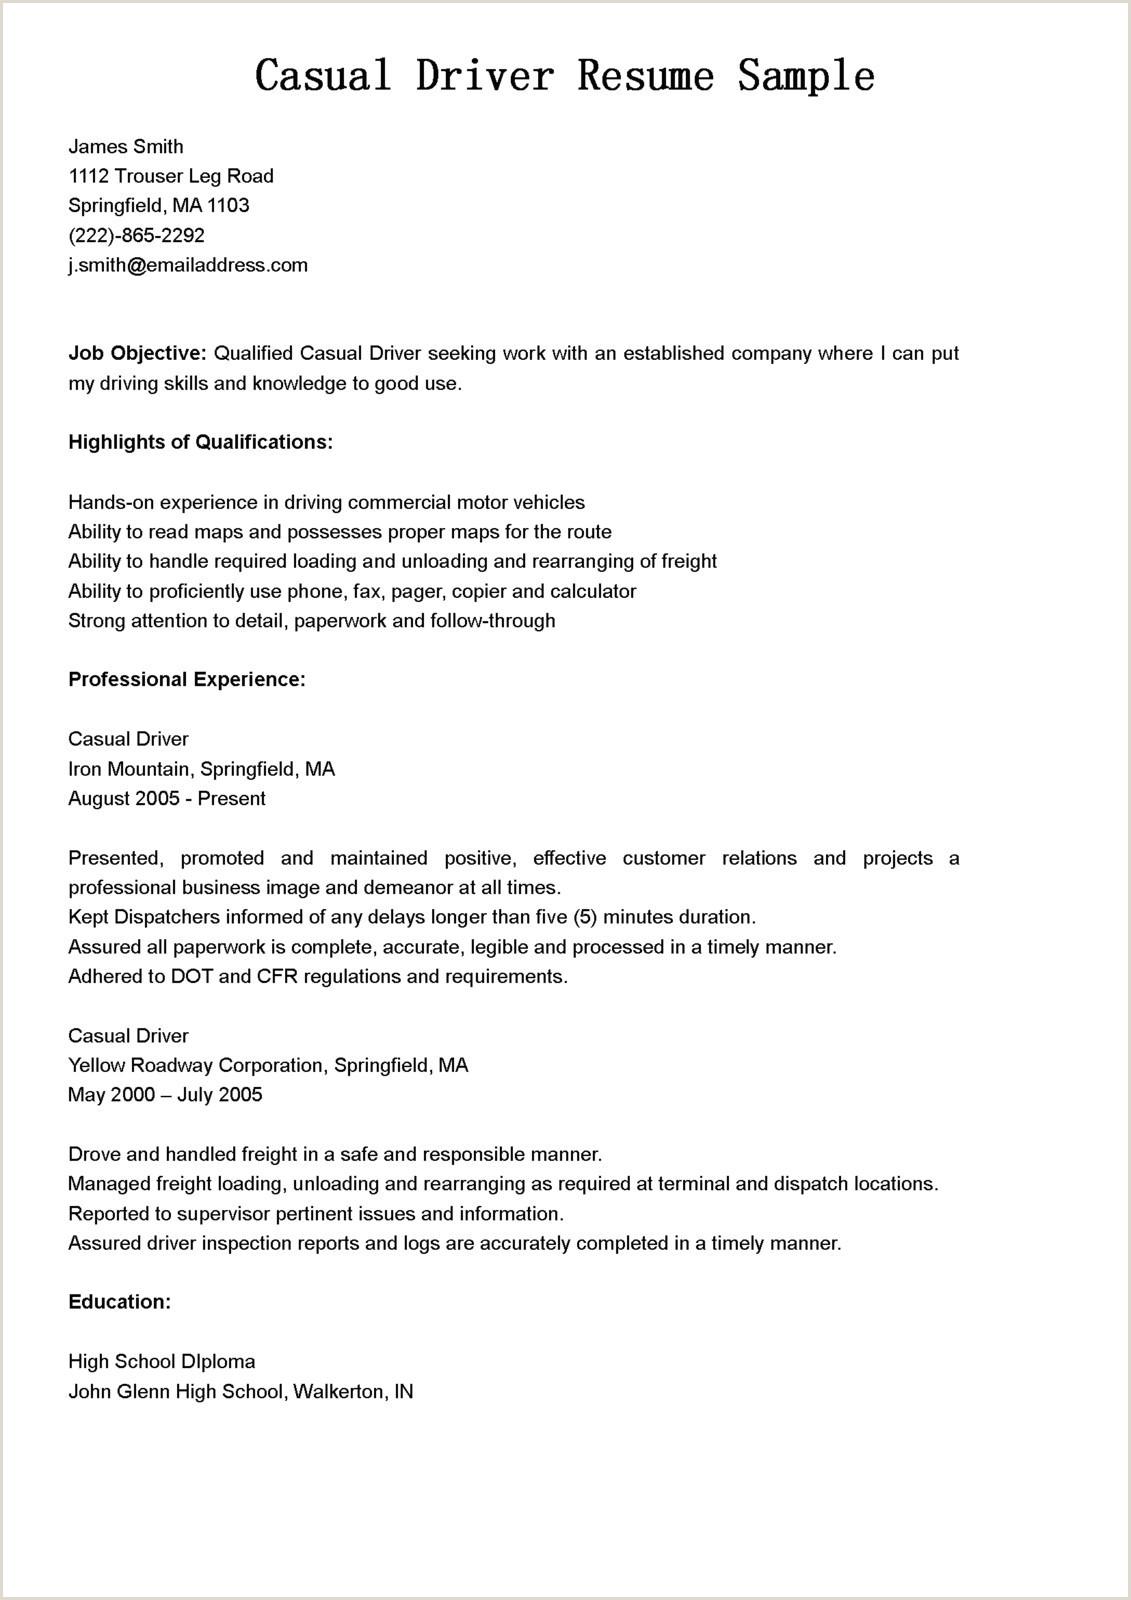 Cv Sample for Nursing Job Best Resume Sample for Nursing